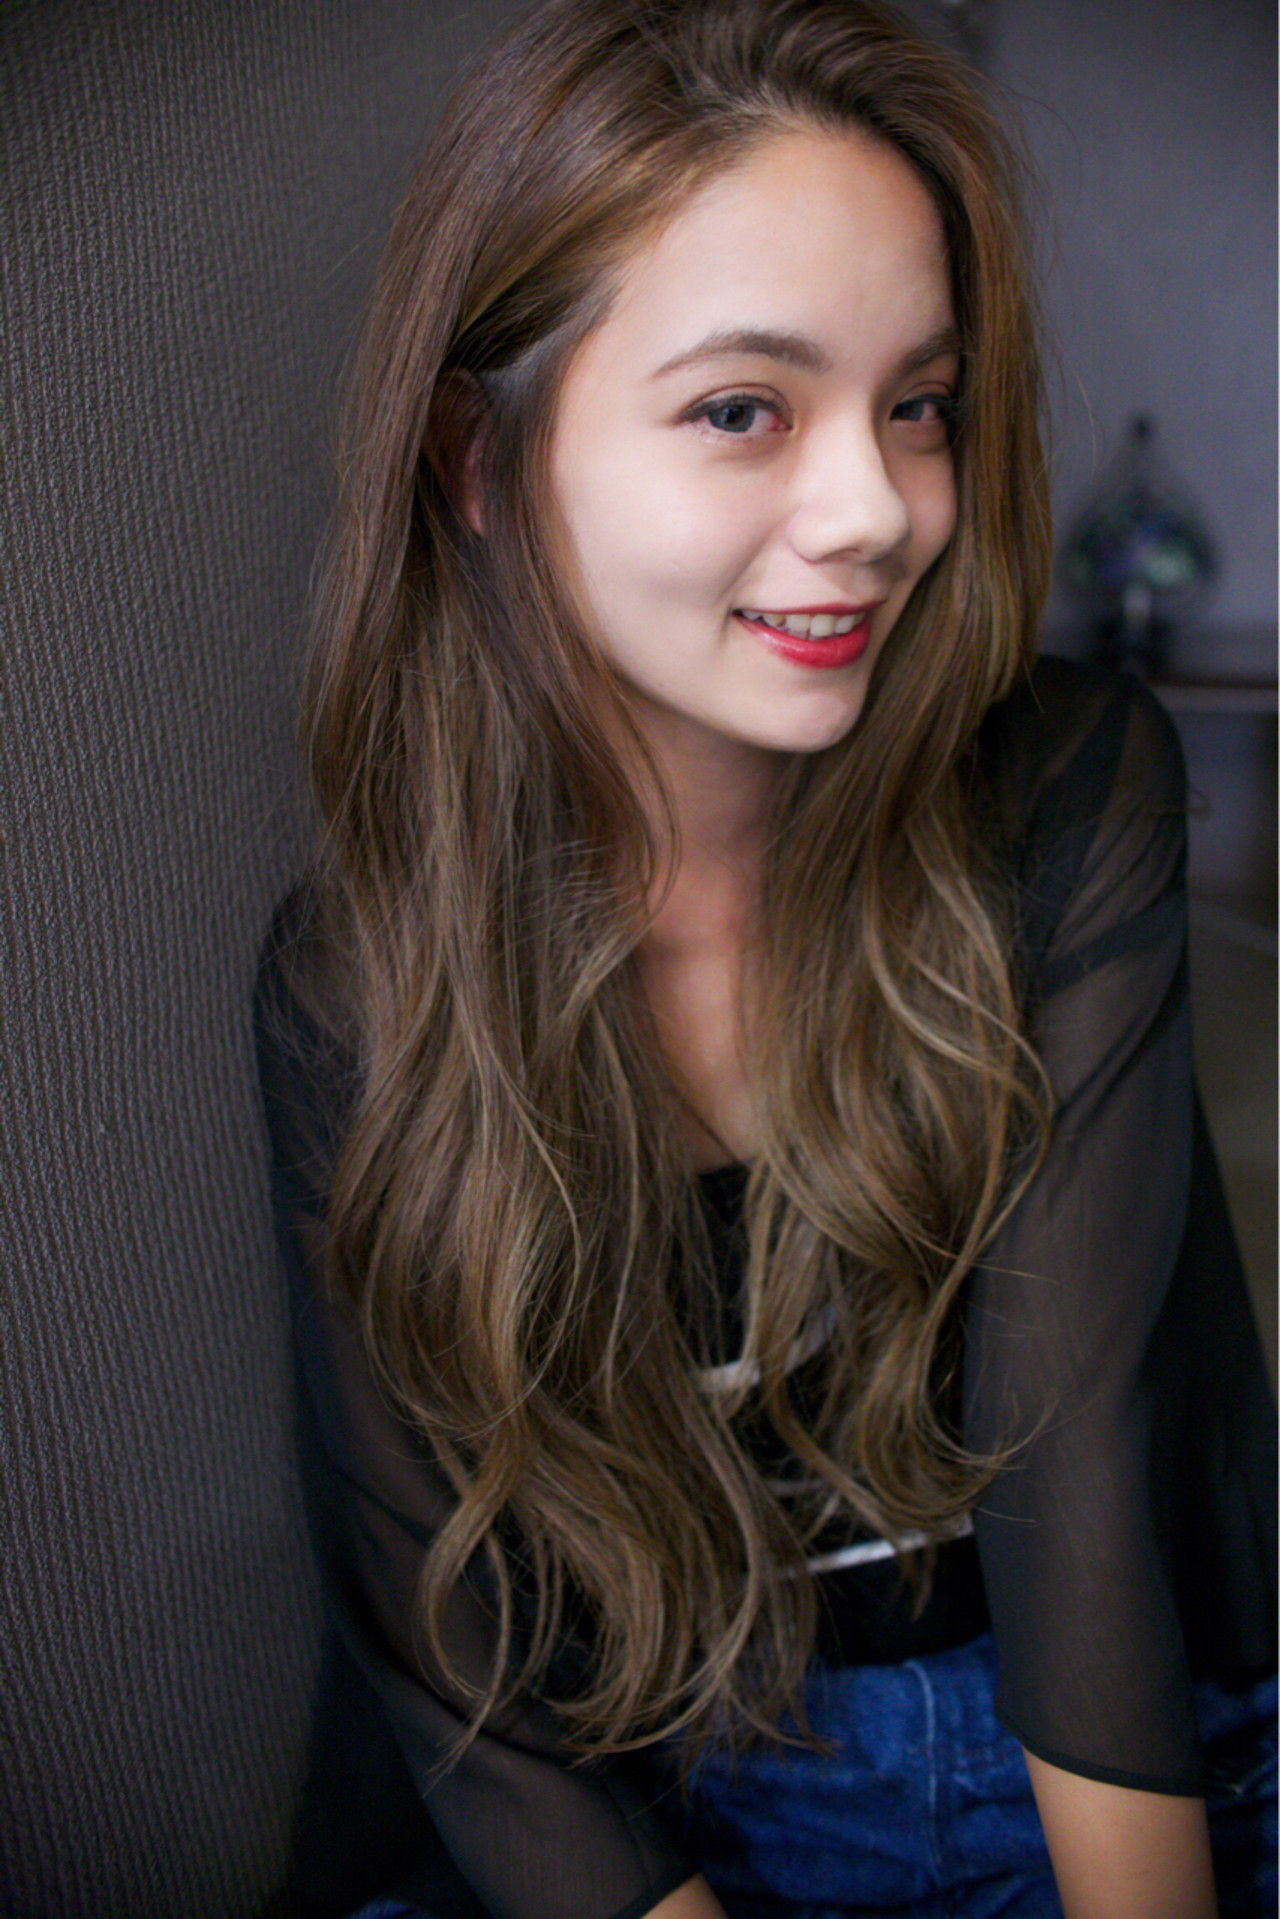 グラデーションカラー 暗髪 ナチュラル ピュア ヘアスタイルや髪型の写真・画像 | 立野寛『リュウノ ヒロシ』 / kicros